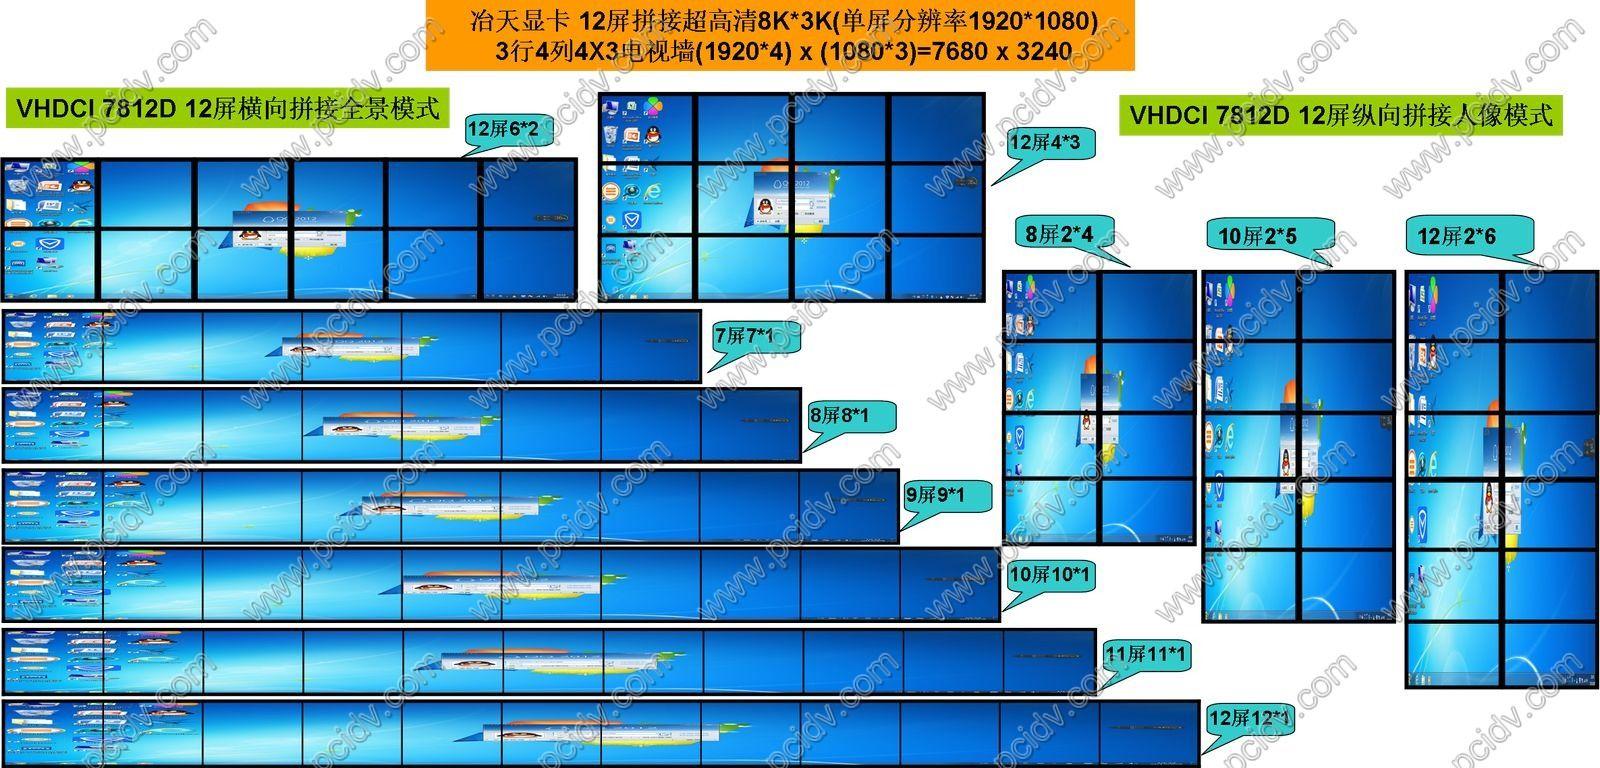 pcidv.com/VHDCI 7812D 12屏显卡多屏拼接电视墙组合模式